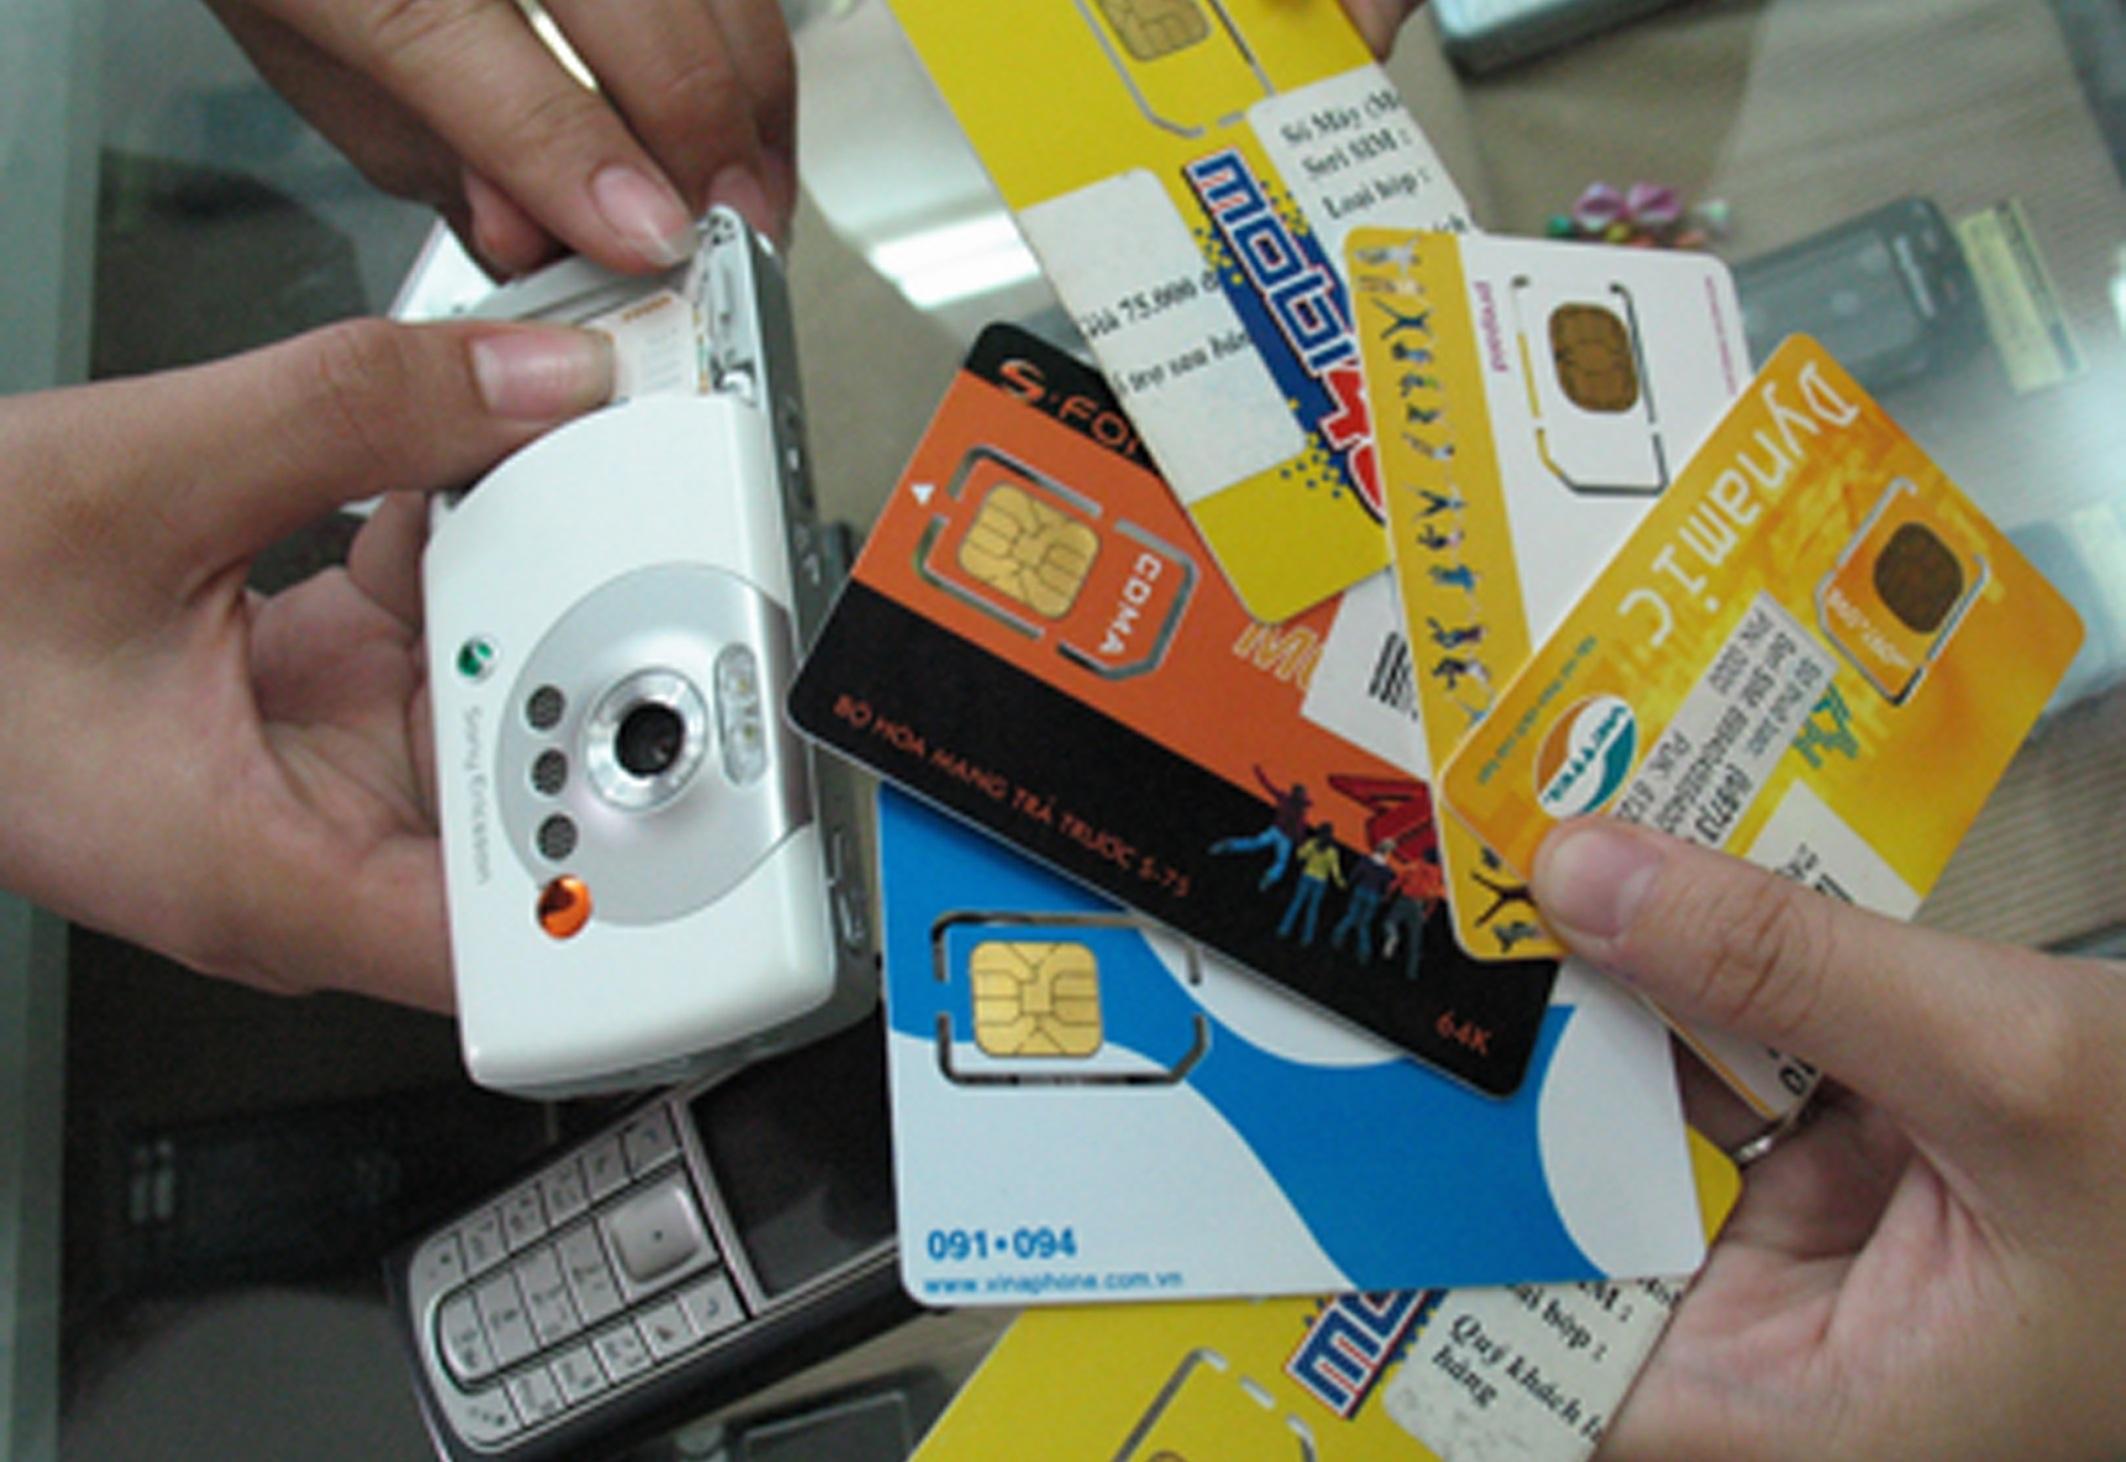 Tự ý bán SIM sẵn sẽ bị phạt từ 30 triệu đồng - 1